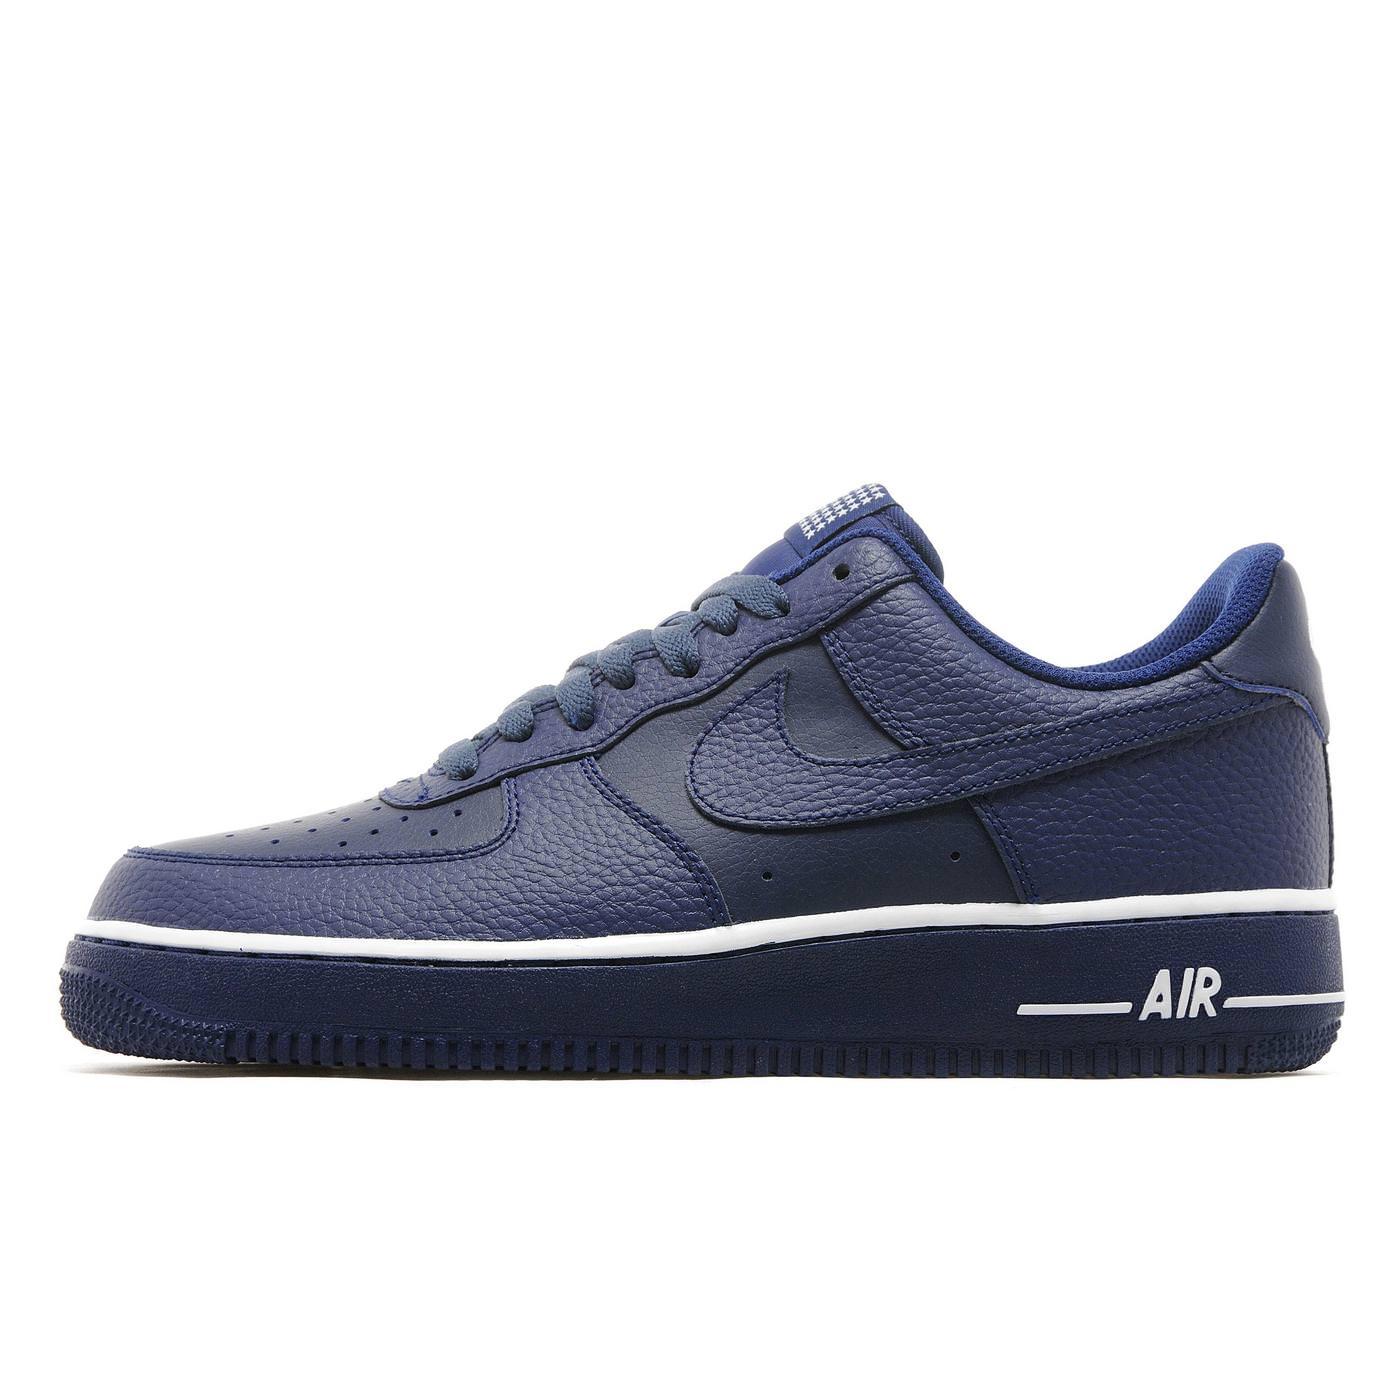 detailed look 3eeeb a8dae Nike-Air-Force-1-Pivot-blau-blue.jpg